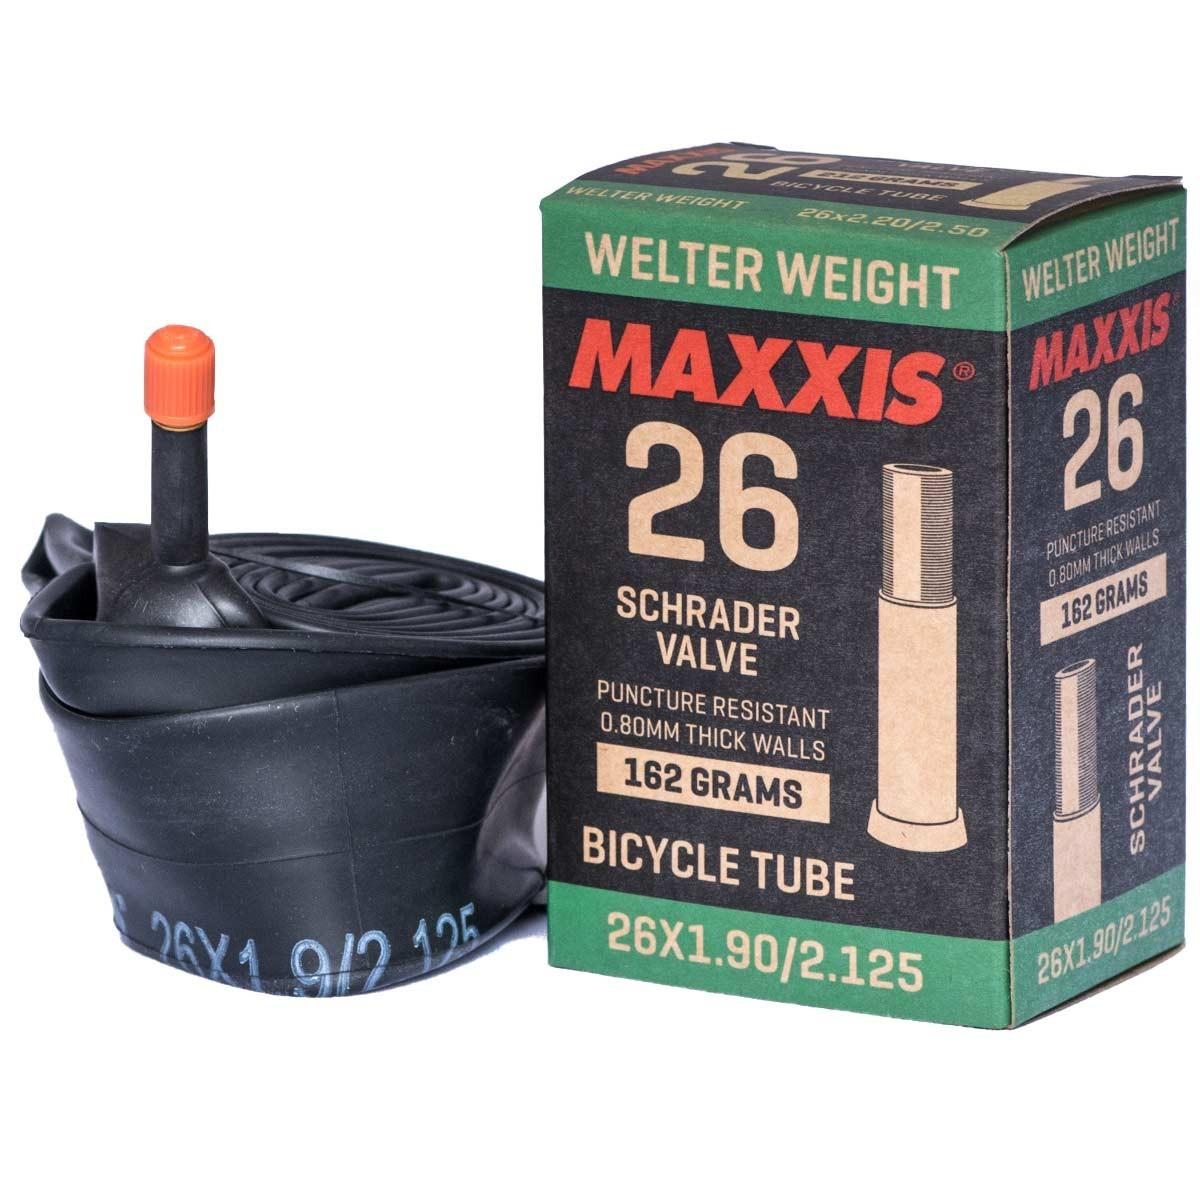 MAXXIS WELTER WEIGHT 26X1.50/2.50   Автомобилен Вентил (Low Lead) 48mm BOX - Изображение - AQUAMATRIX